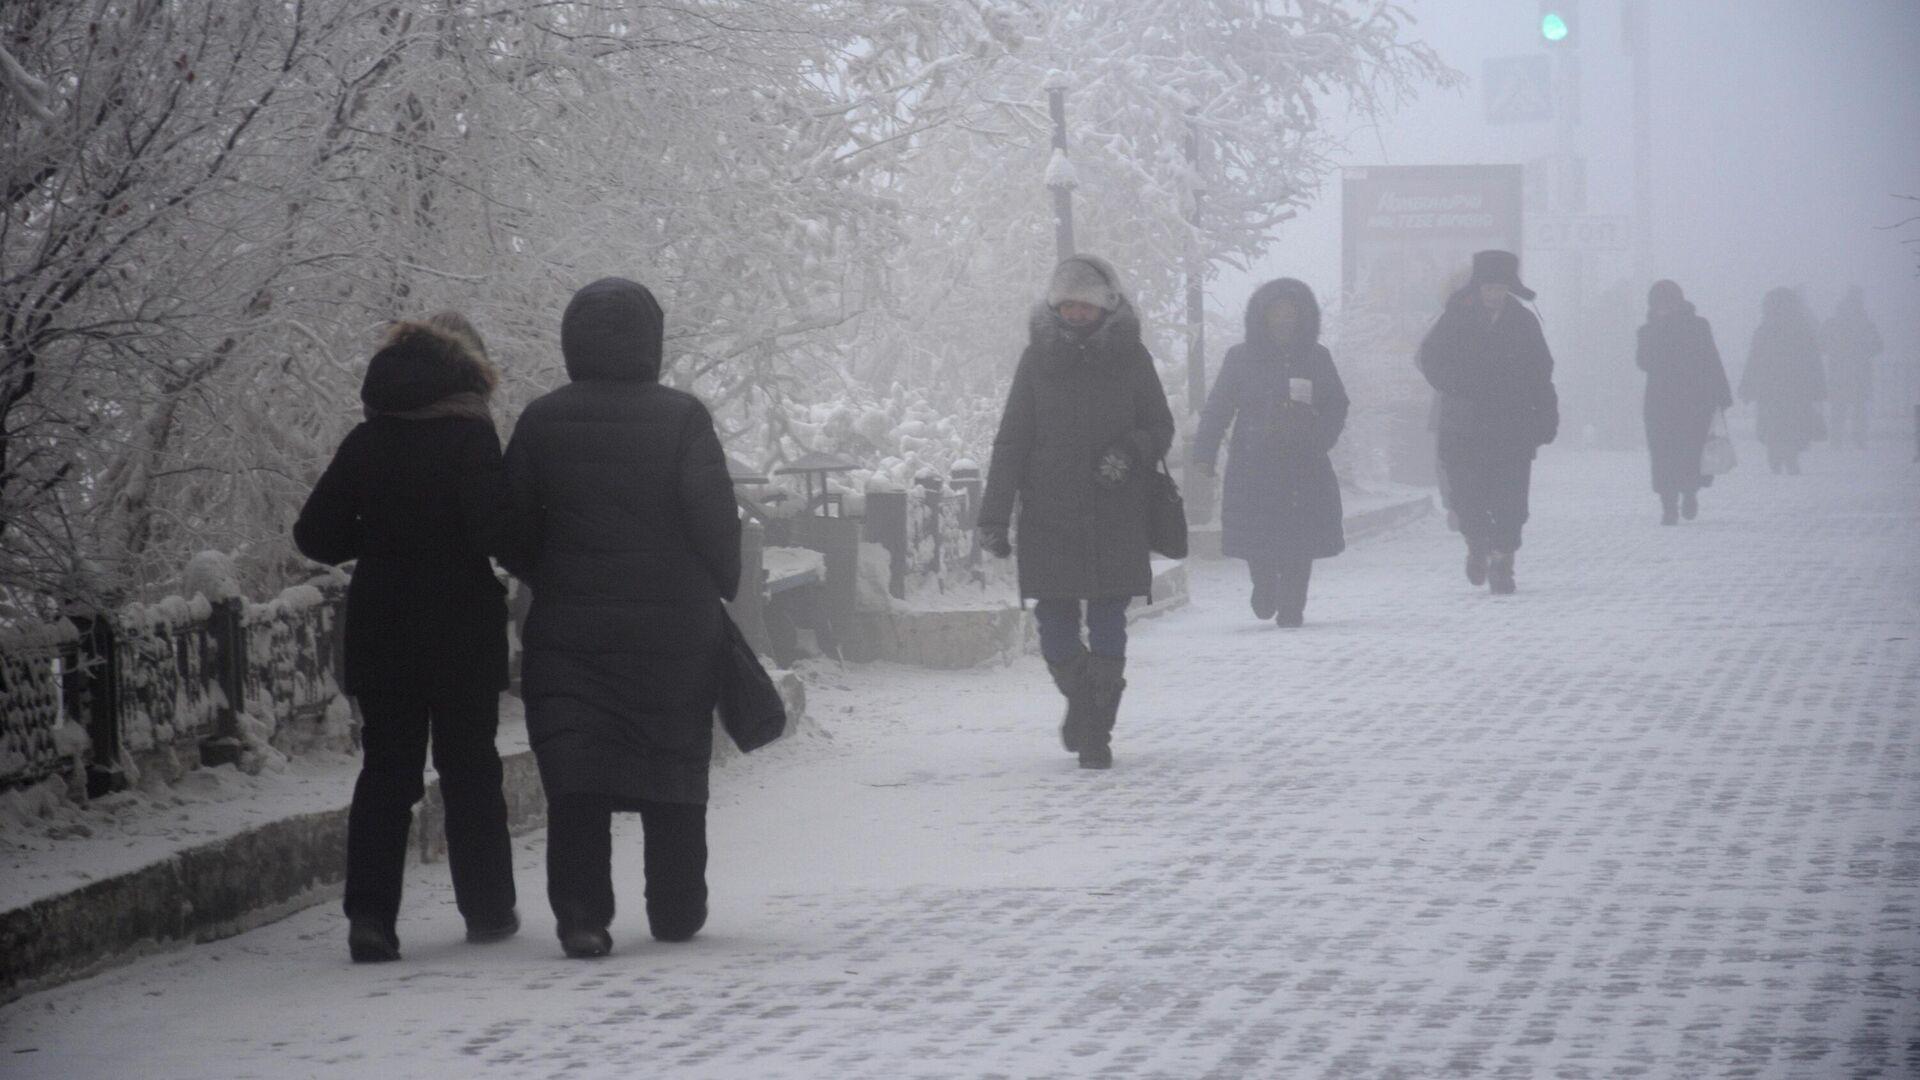 Прохожие на улице Якутска - РИА Новости, 1920, 25.01.2021